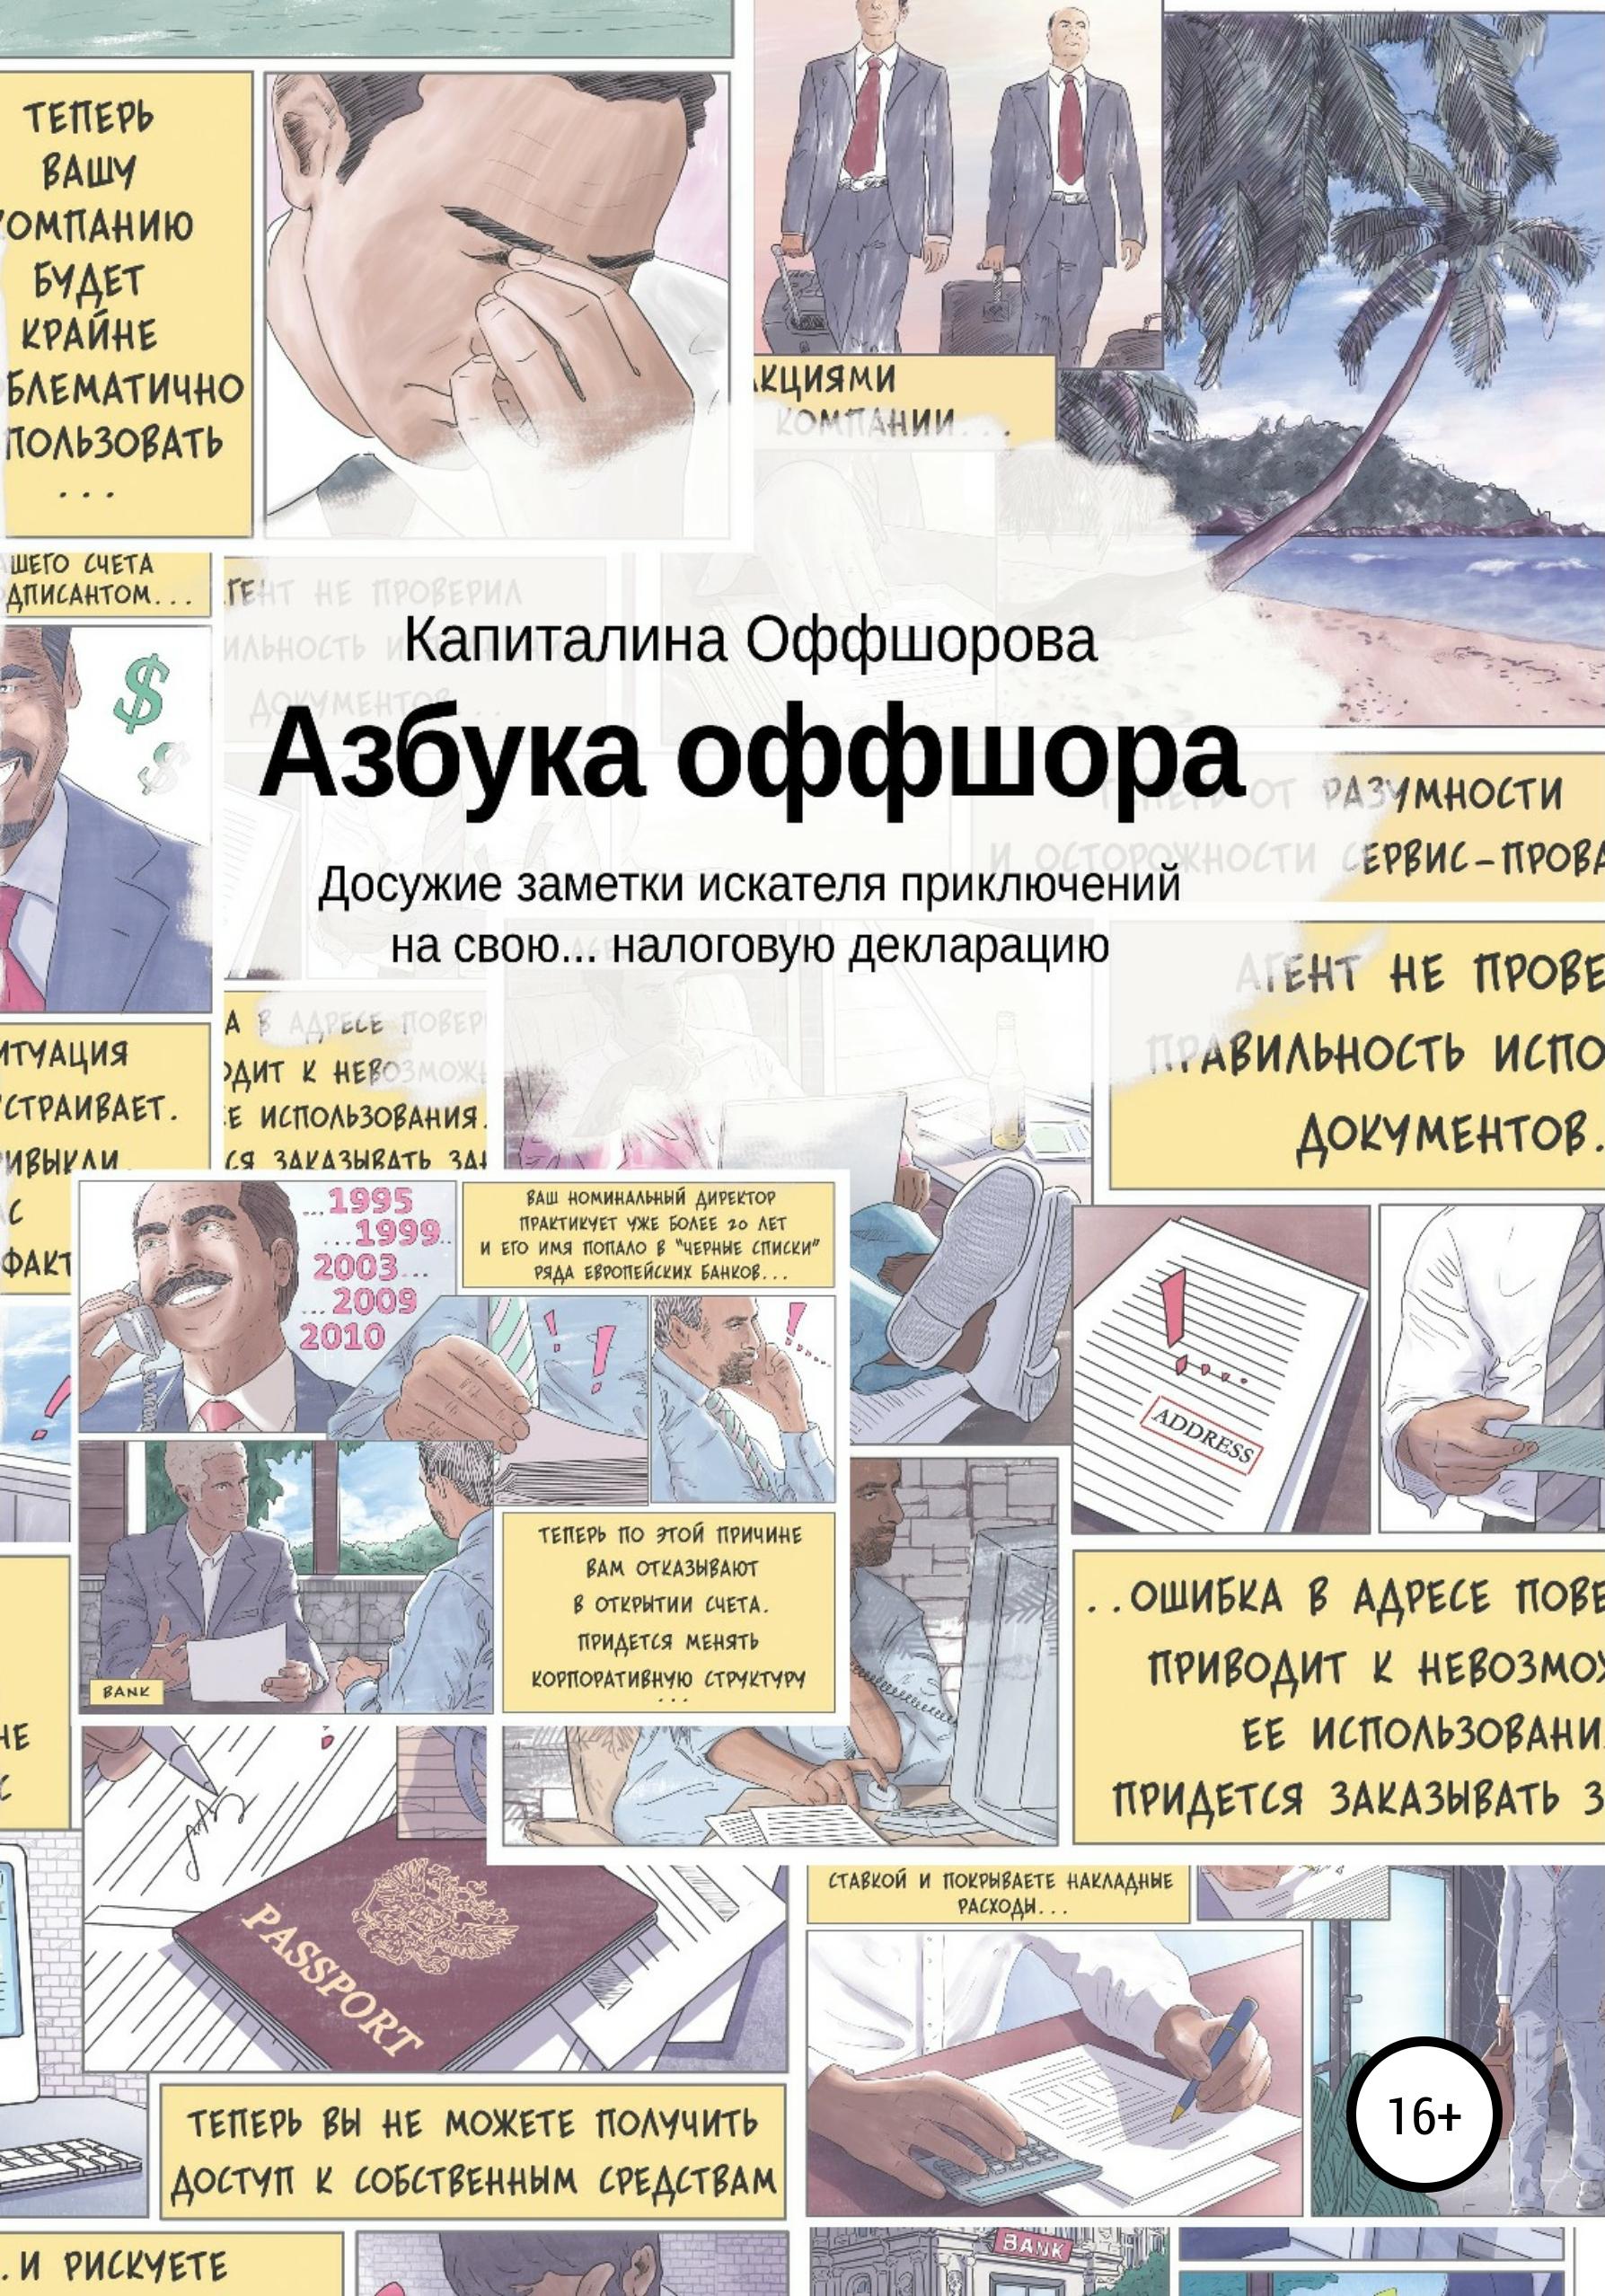 GSL Law&Consulting - Азбука оффшора. Досужие заметки искателя приключений на свою… налоговую декларацию